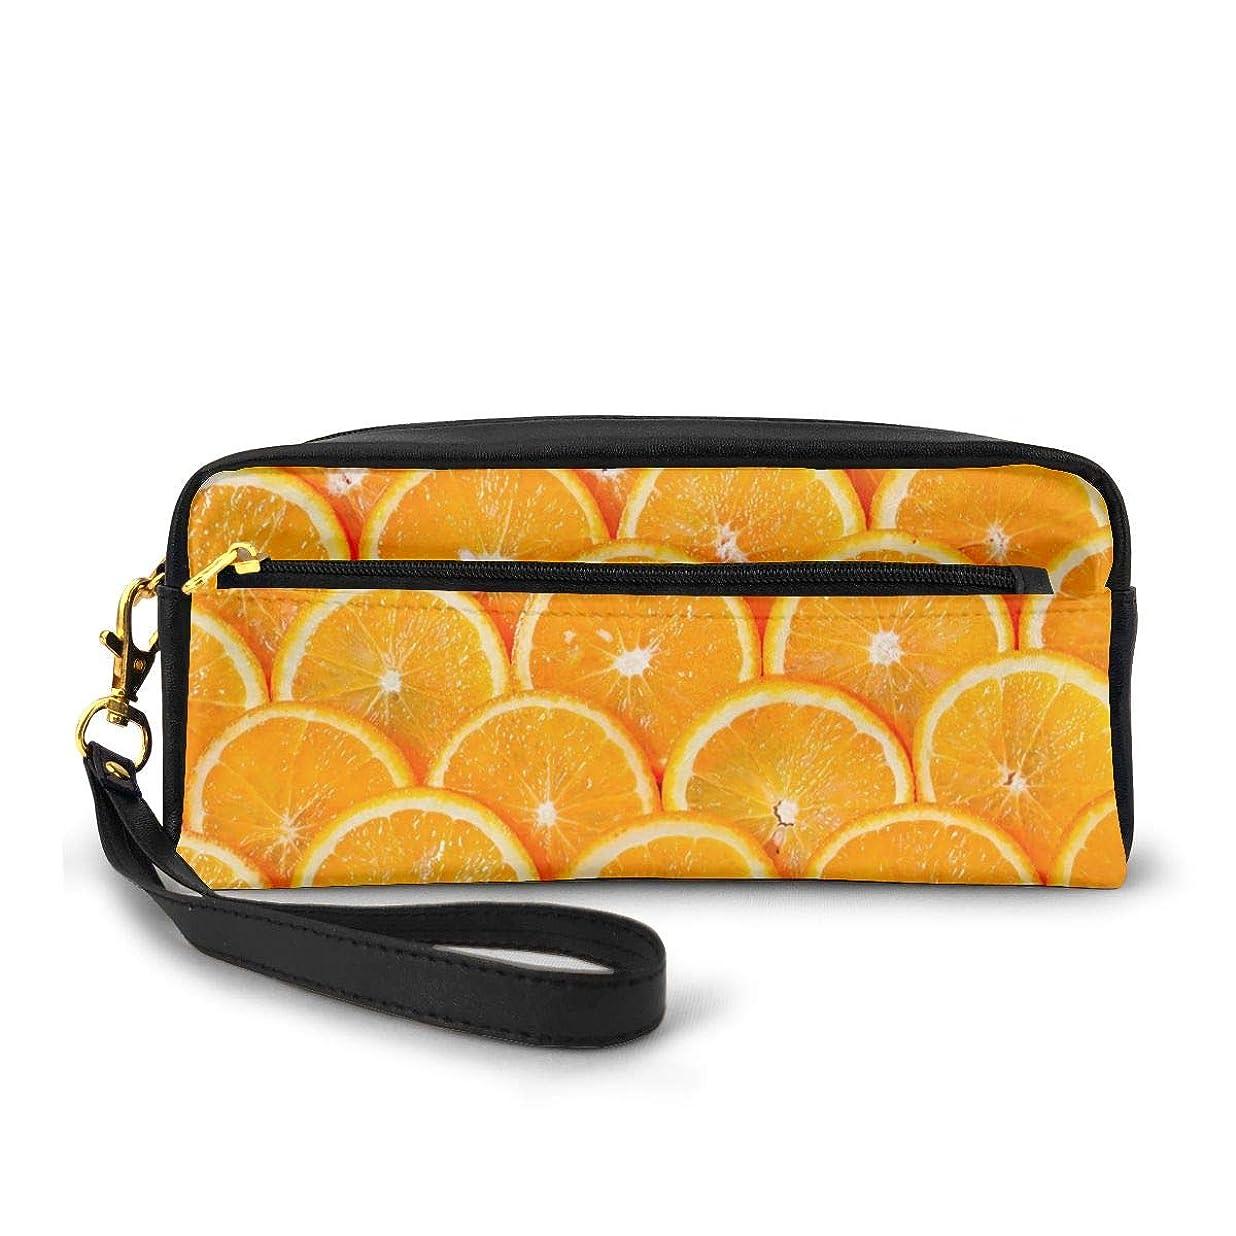 ピークペア投資するTropical Orange Fruit Lemon Slice 化粧品収納バッグ ウォッシュバッグ ハンドバッグ 化粧品袋 耐久性のある 筆箱 トラベルバッグ カラフルなス ポータブル スキンケア製品収納袋